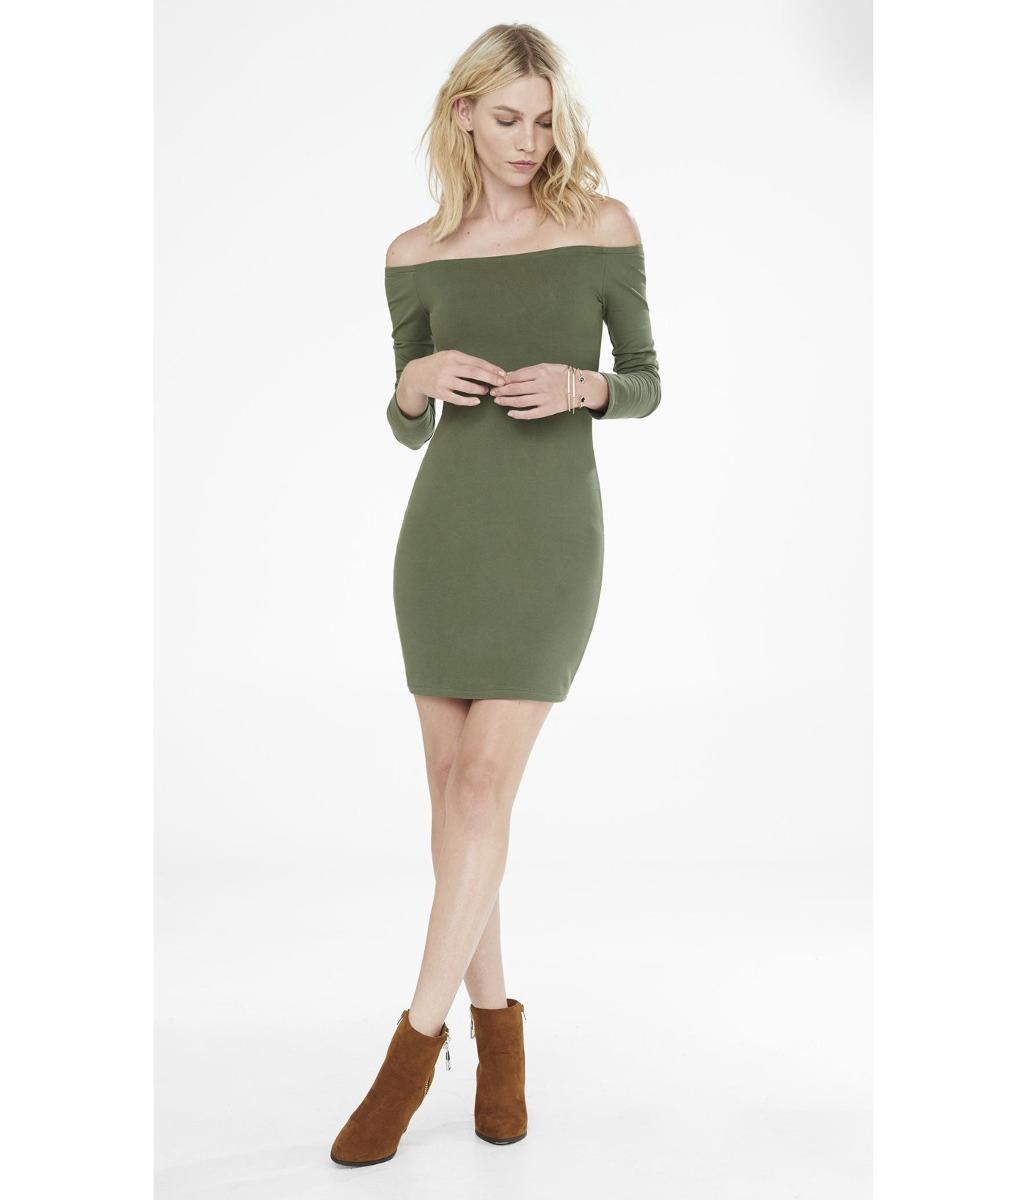 Imagenes de vestidos cortos y casuales